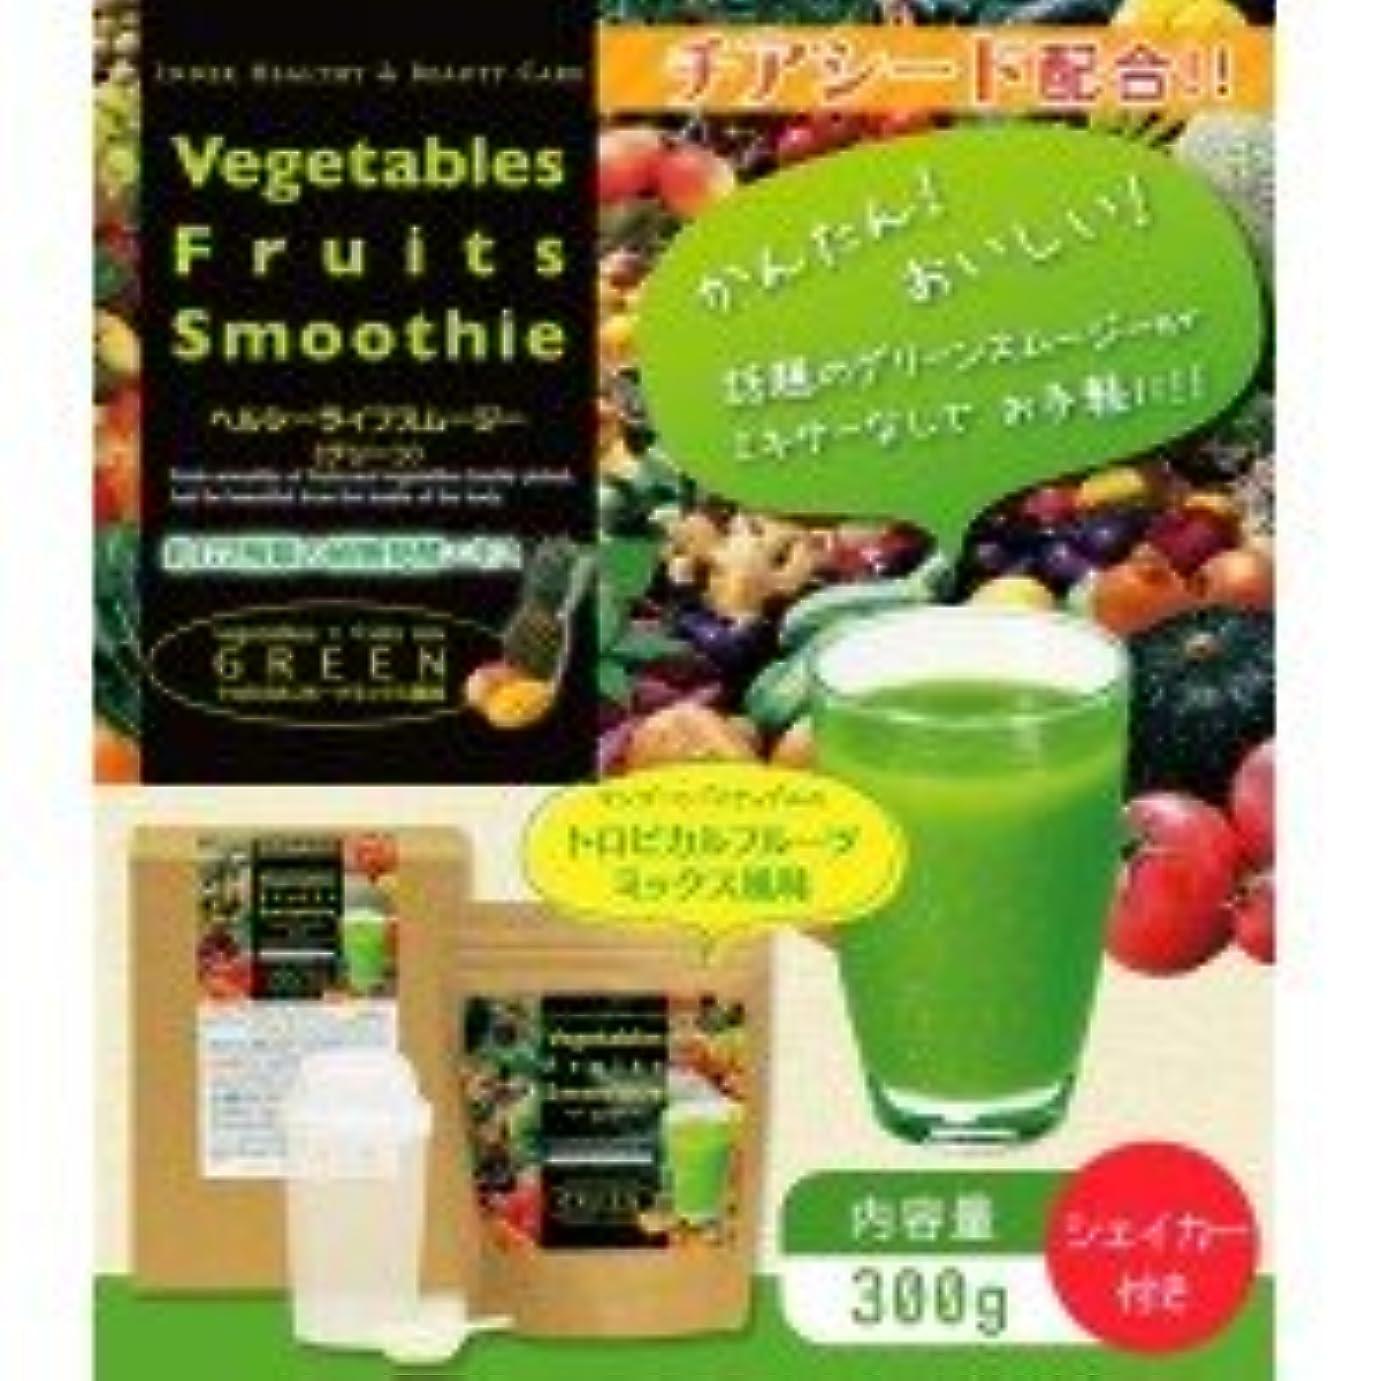 集団的美しいタフVegetables Fruits Smoothie ヘルシーライフスムージー(グリーン)トロピカルフルーツミックス味(300g シェイカー付) 日本製